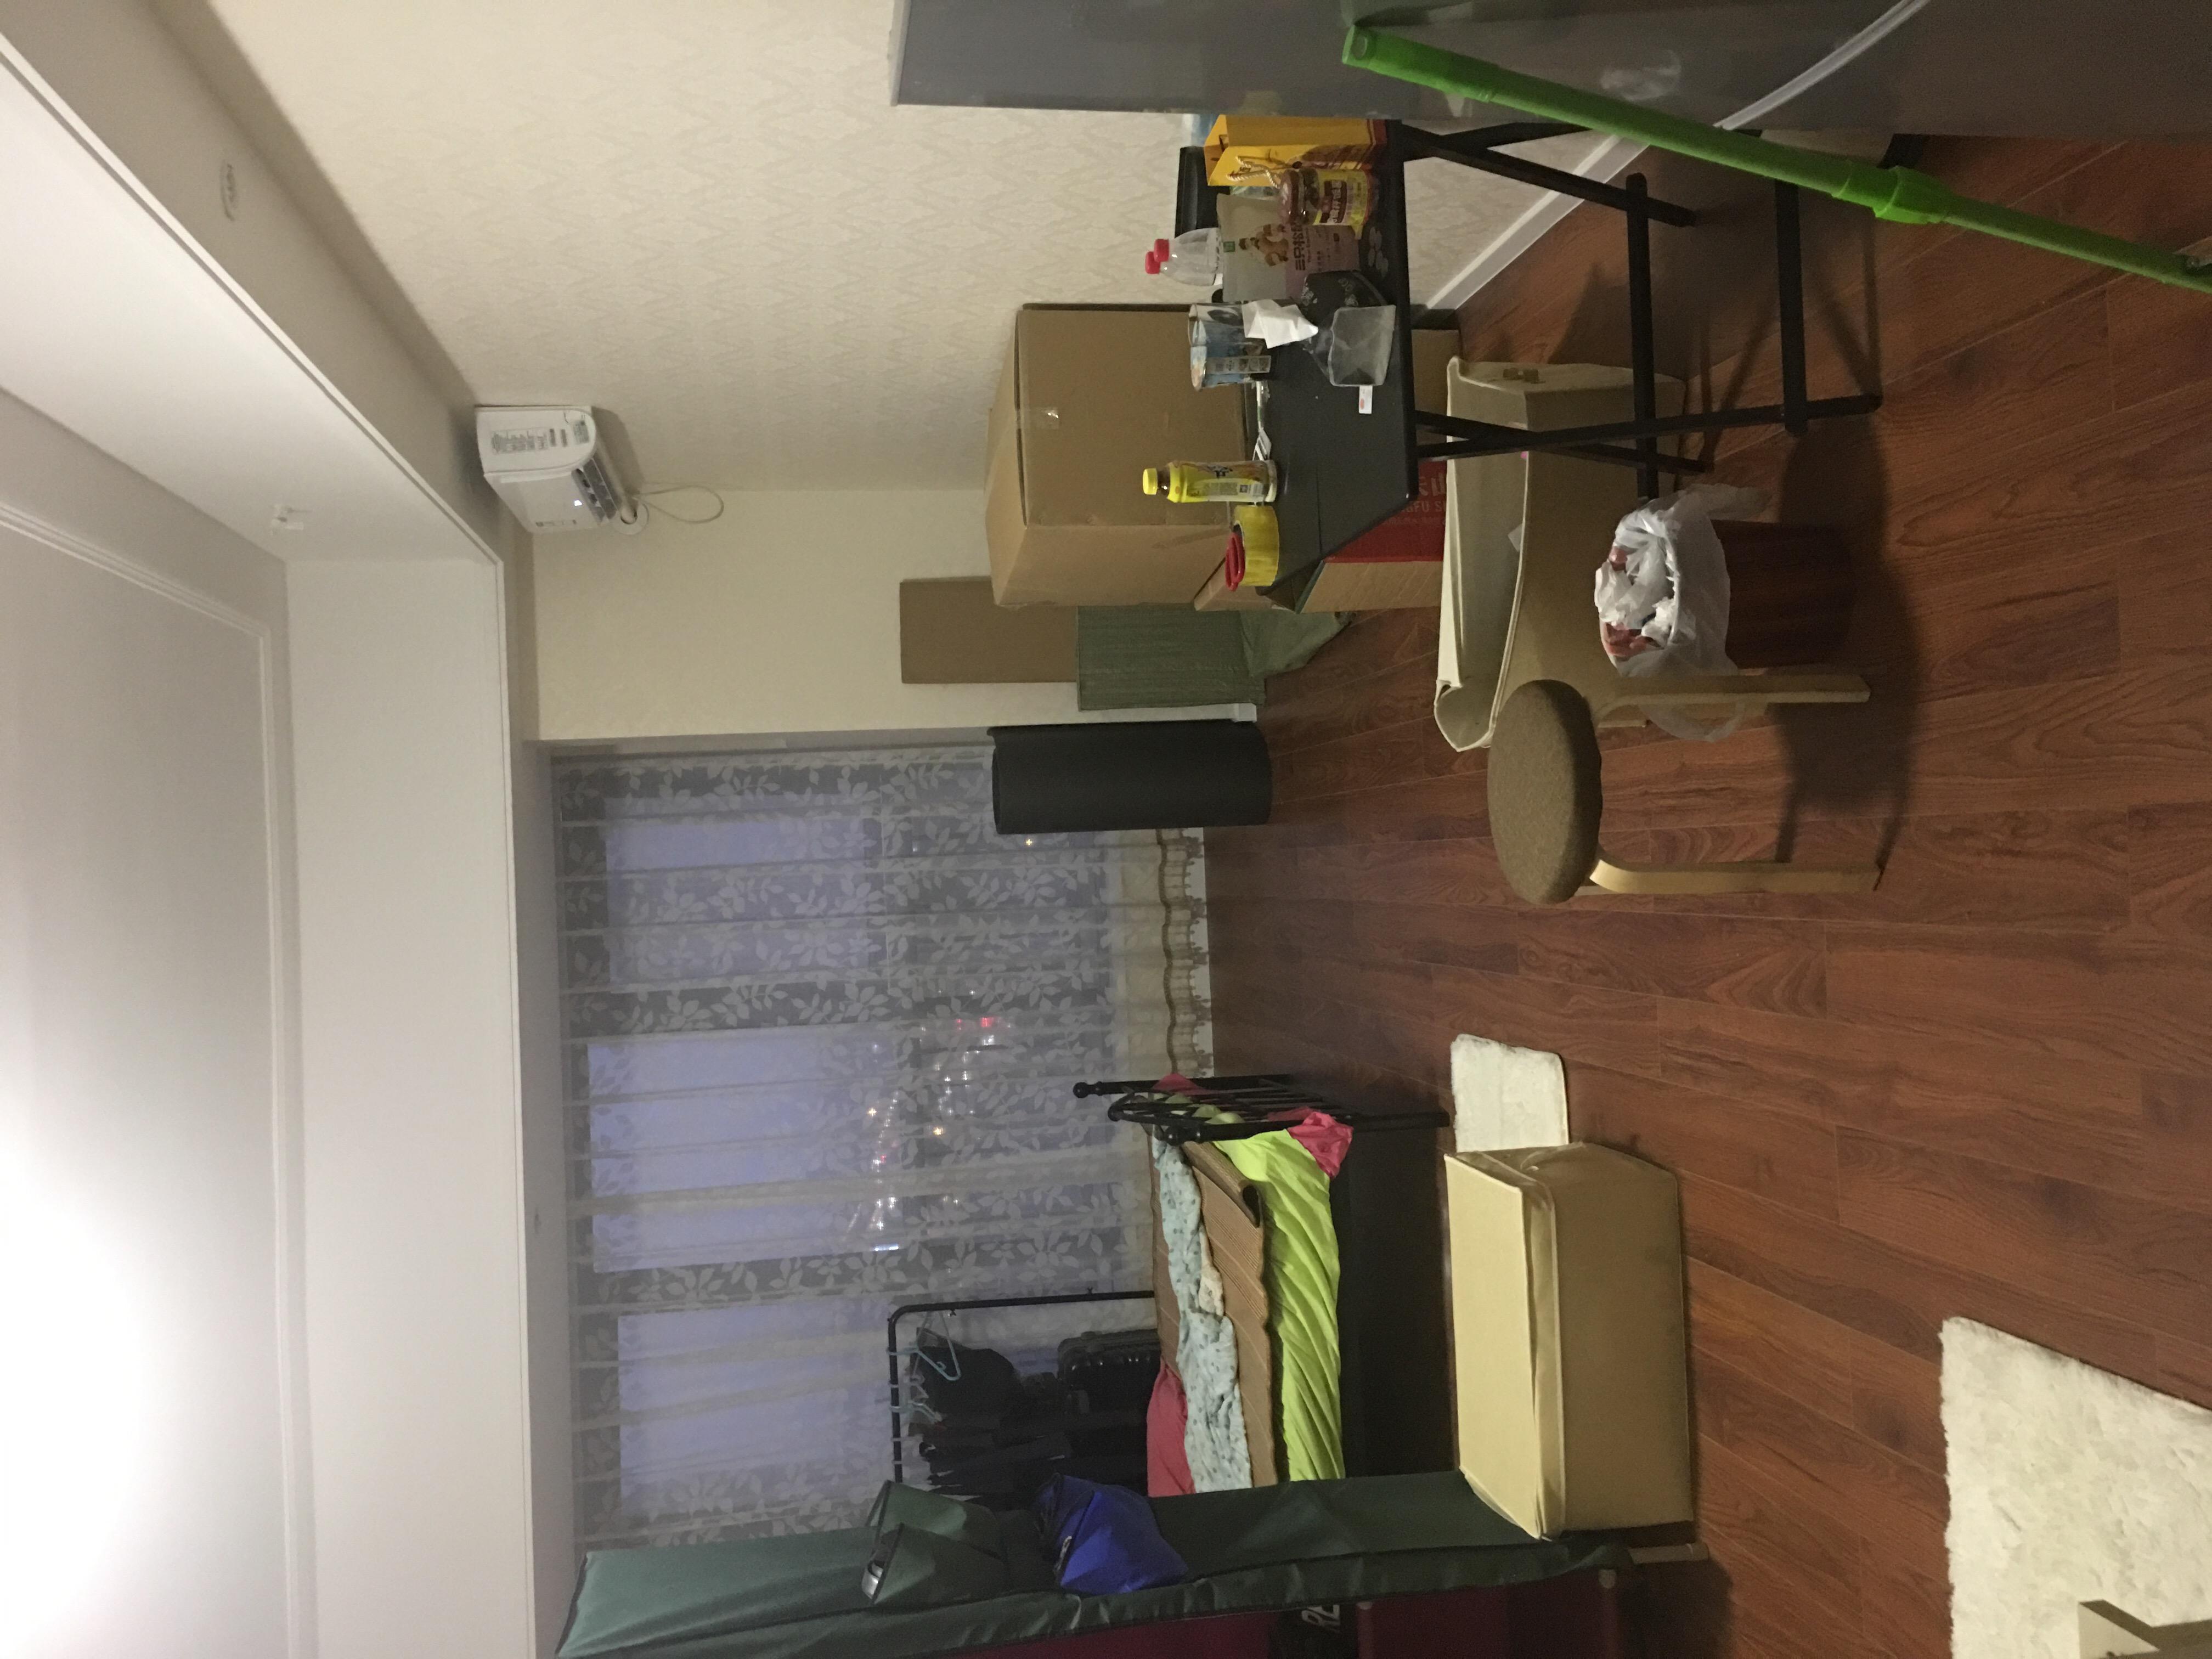 整租 义乌万达soho单身公寓 拎包入住 随时看房